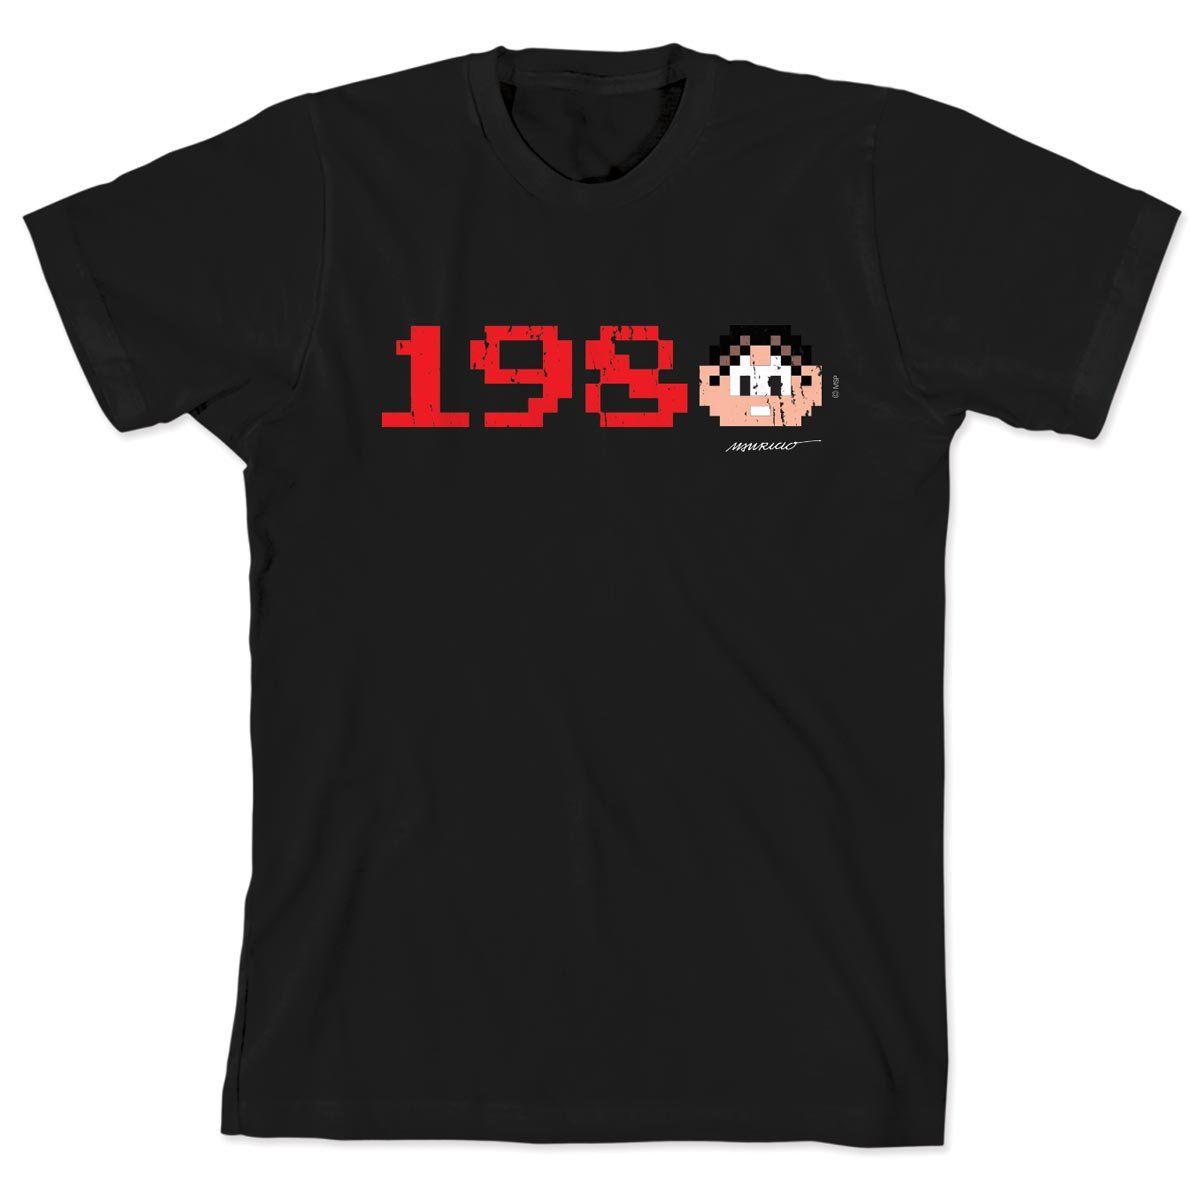 Camiseta Turma da Monica 50 Anos - Modelo 3 Anos 80